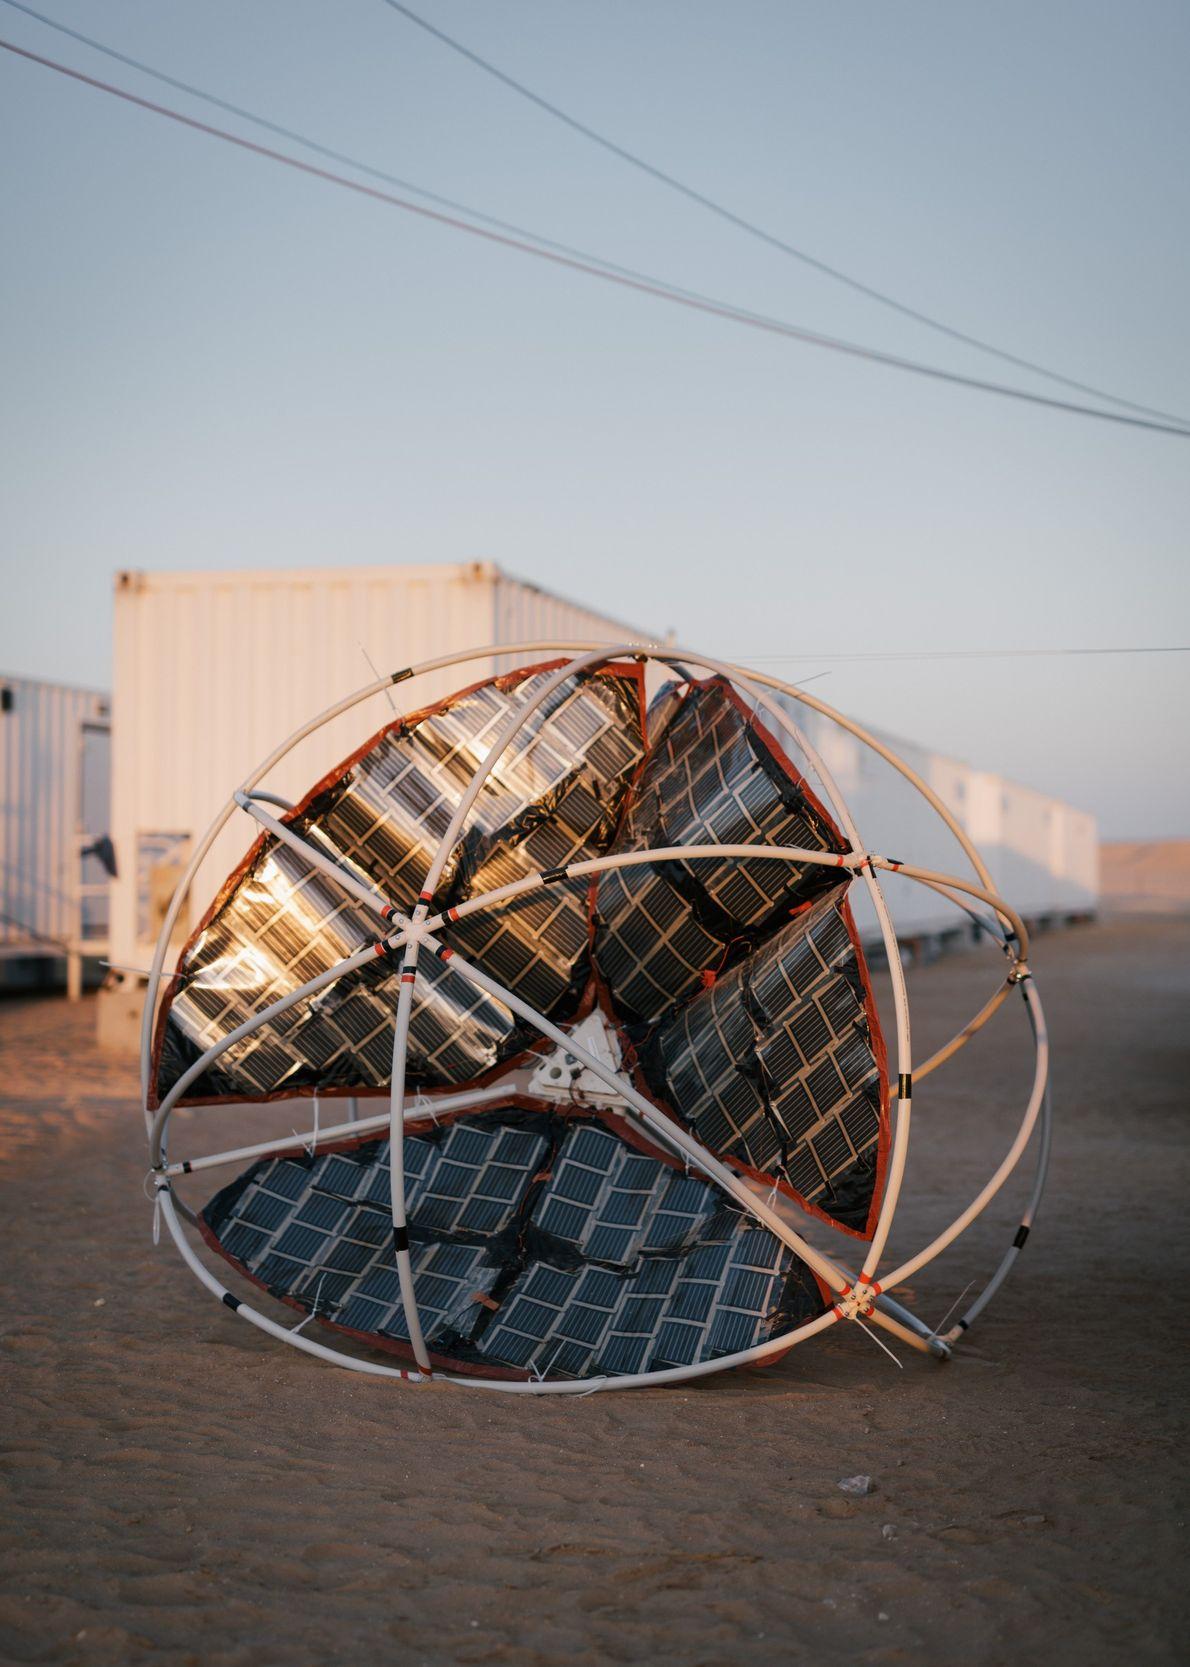 Schüler der Sir Karl Popper Schule in Österreich entwickelten dieses windbetriebene Rover-Konzept namens TUMBLEWEED. Es soll ...